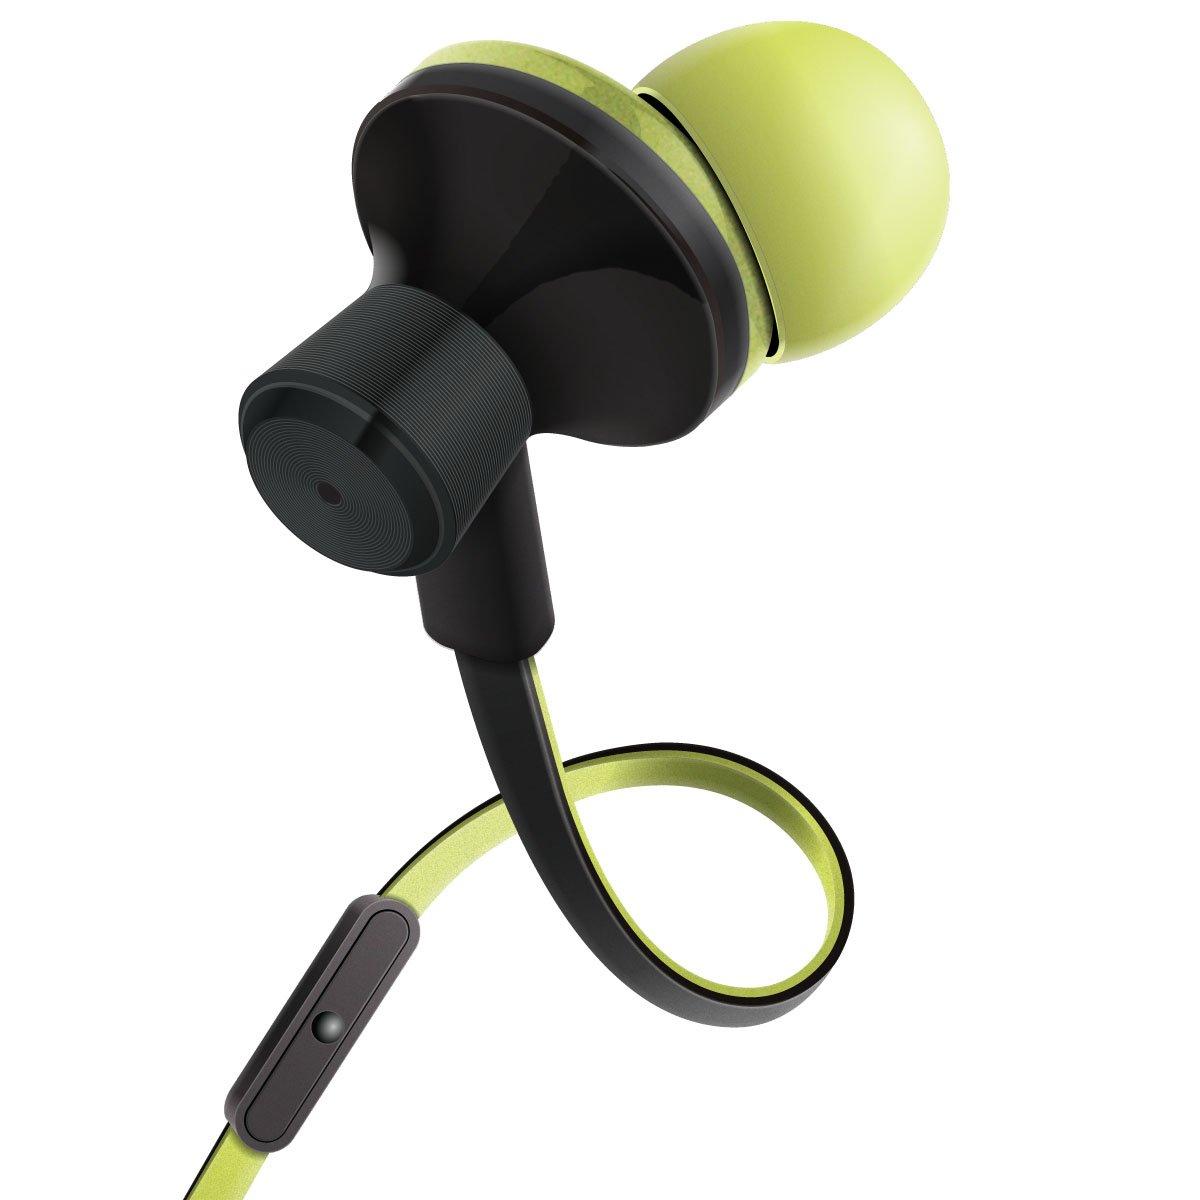 Para Huawei P8 Lite Moto G BQ Aquaris Samsung Galaxy J5 J7 iPhone 6 7 DOOGEE y m/ás Gogroove Auriculares Intrauriculares Cascos In Ear Fitness Deporte Auriculares Cancelaci/ón de Ruido y Micr/ófono